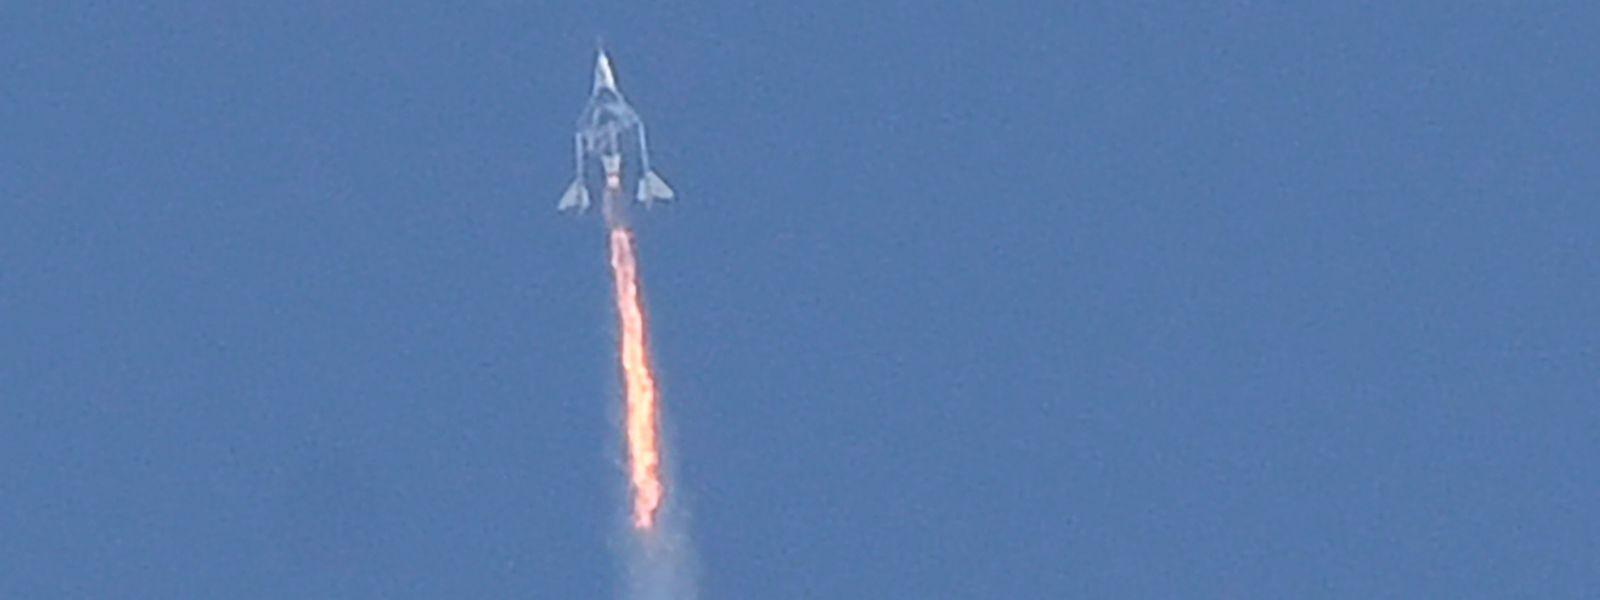 """Richard Branson ist mit zwei Astronautinnen und drei Astronauten in der """"VSS Unity"""" im Schlepptau eines Mutterflugzeugs von einem Flughafen im US-Bundesstaat New Mexico aufgebrochen."""